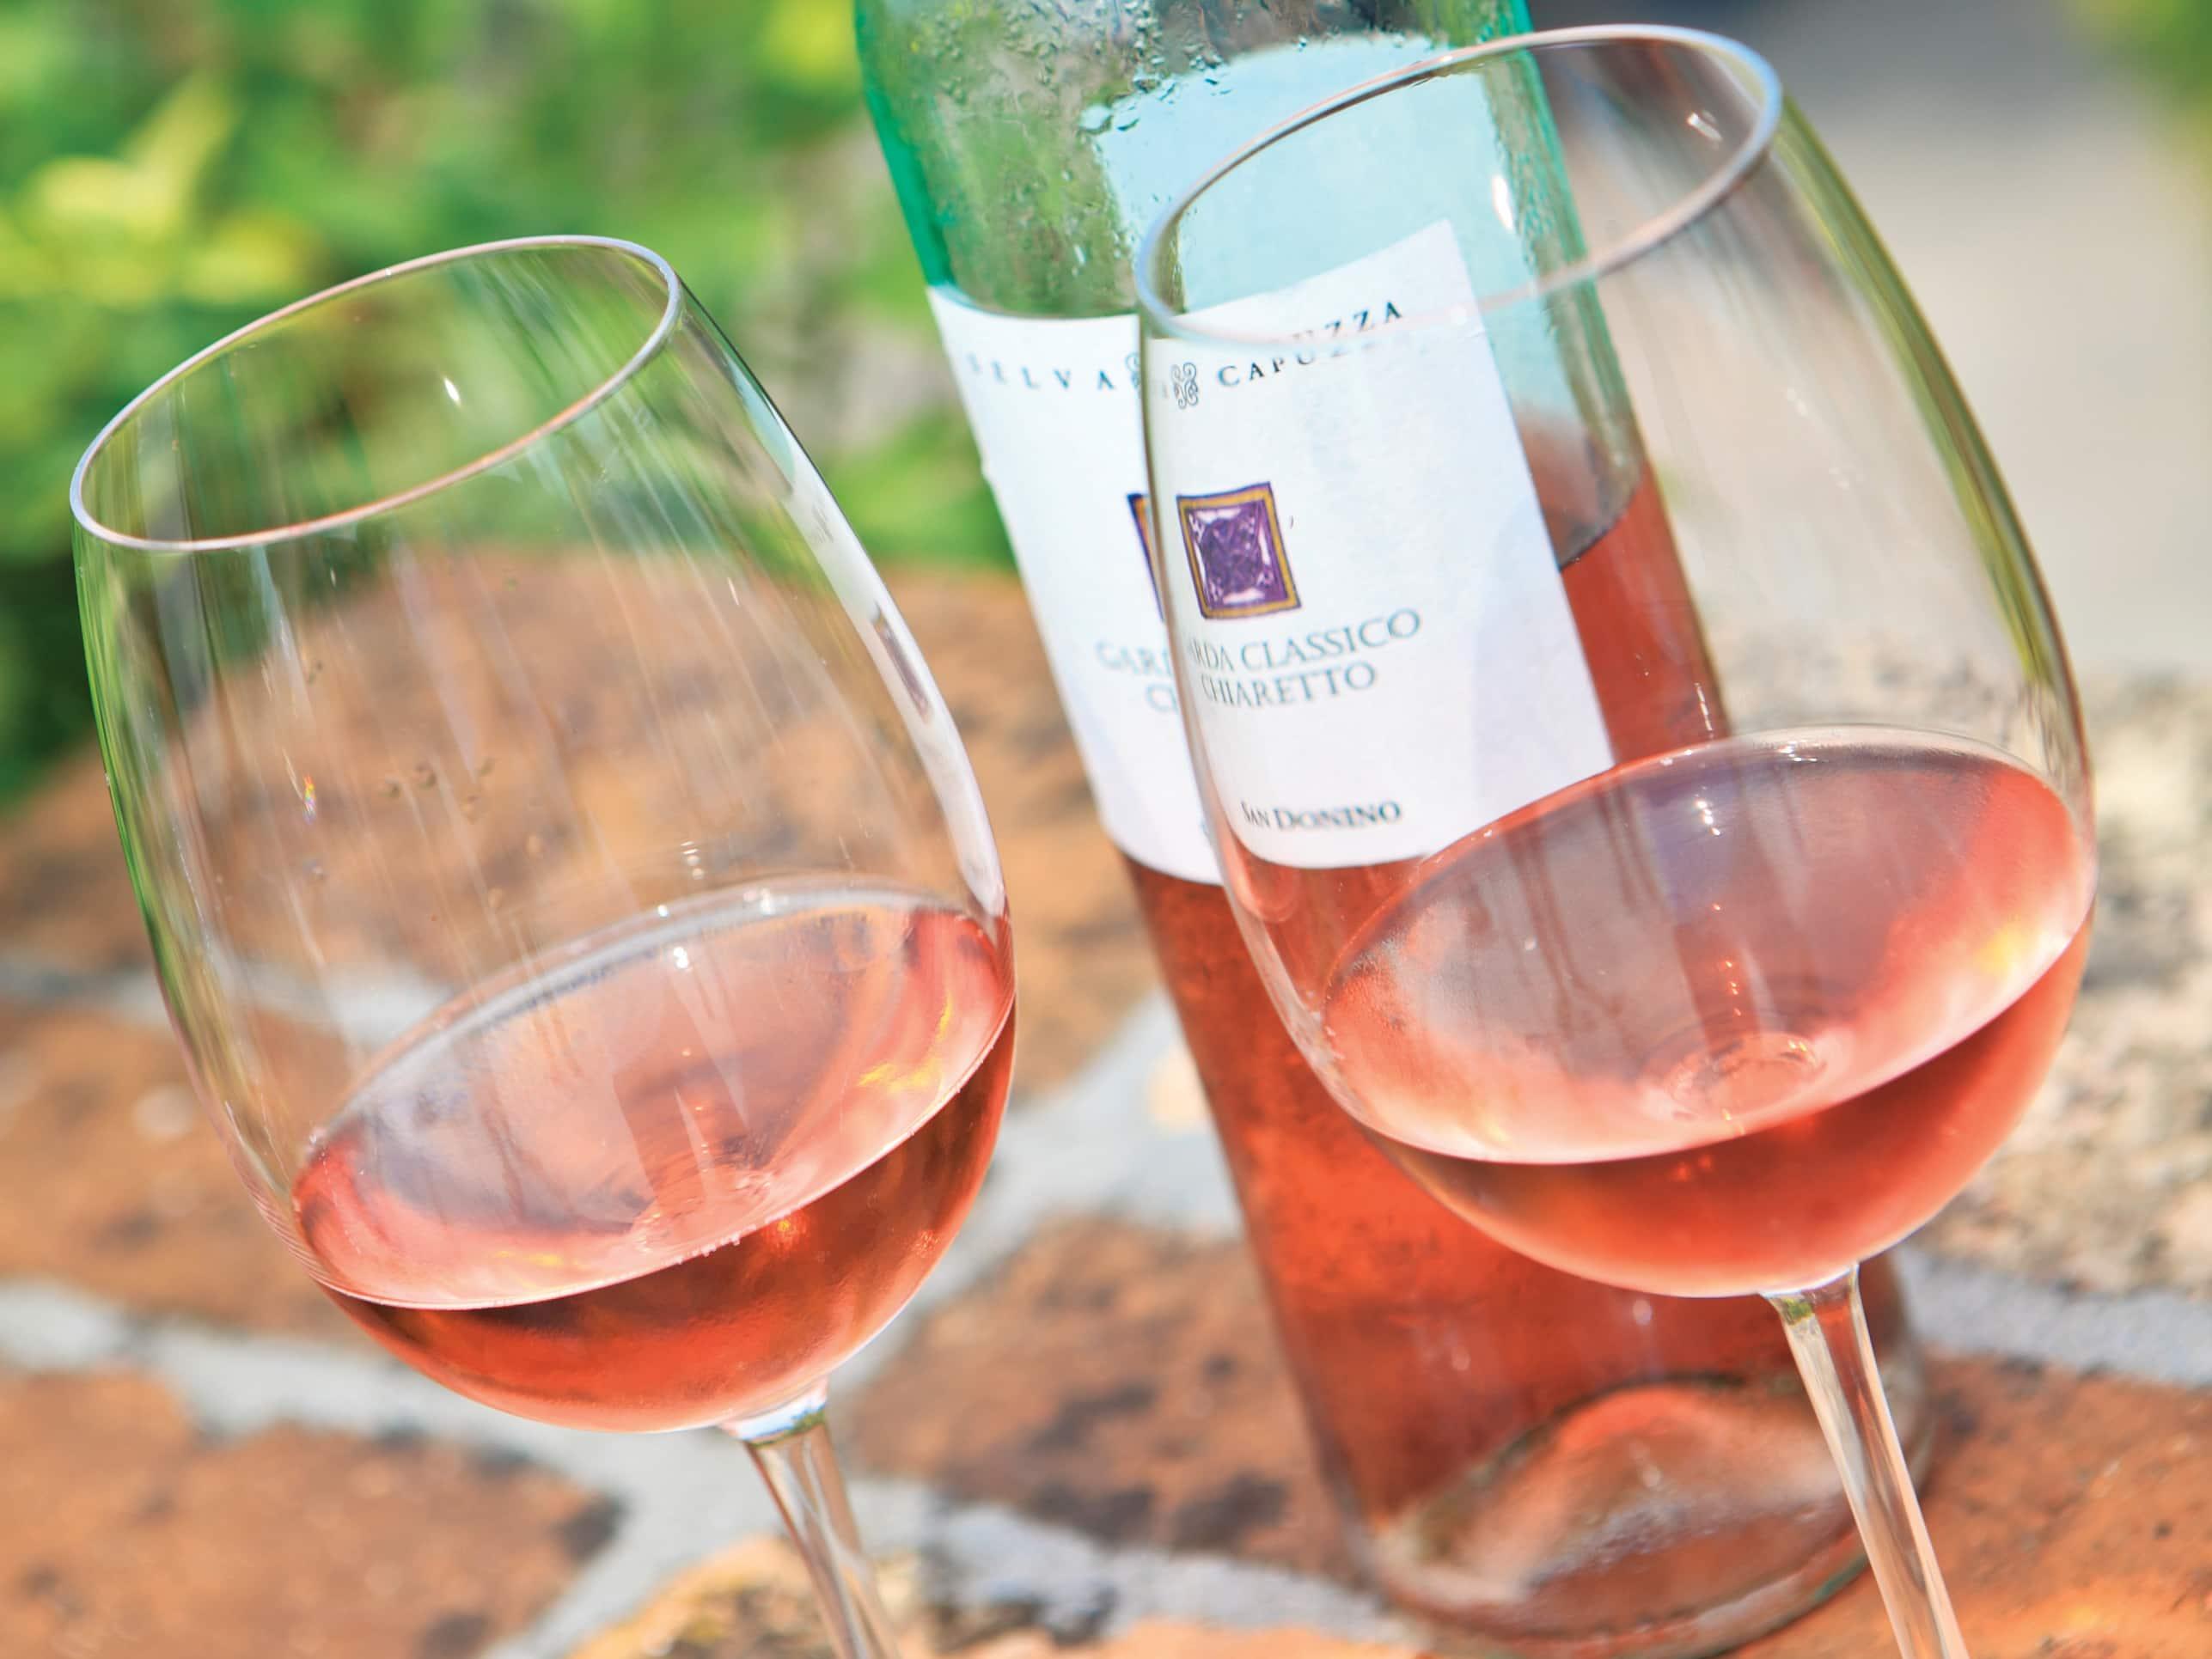 Chiaretto wine bottle and wine glasses